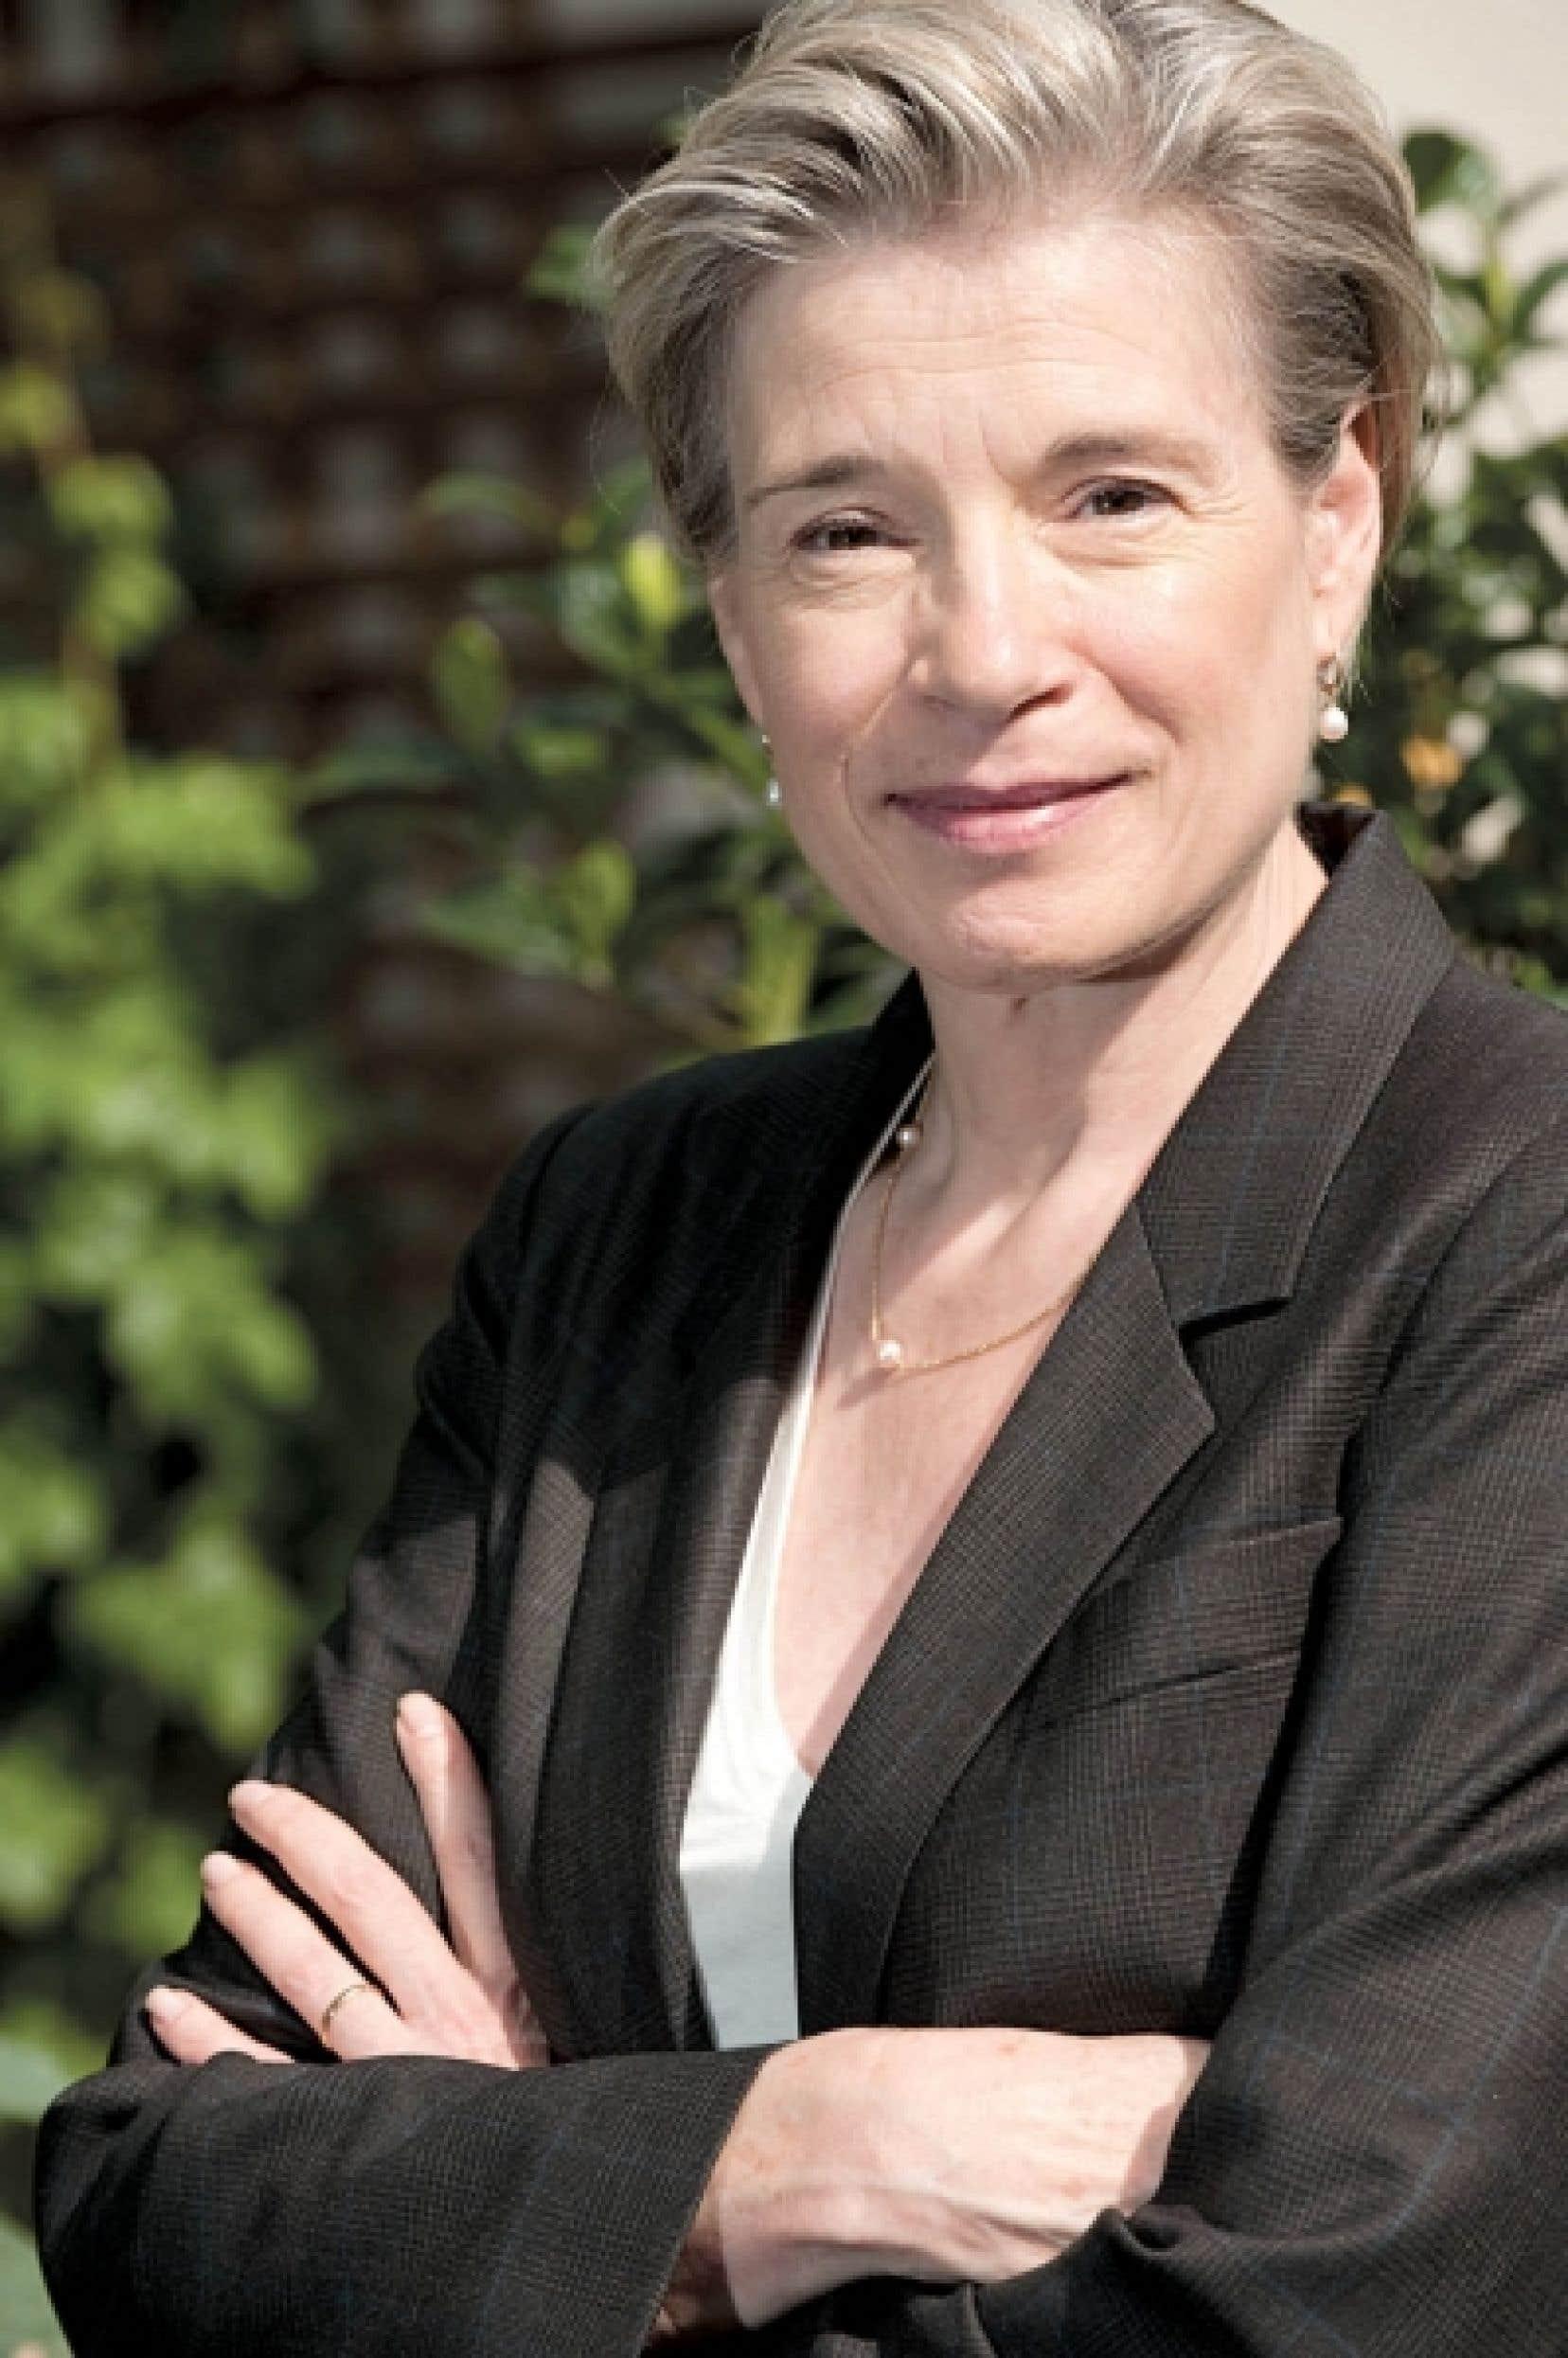 Monique C. Cormier